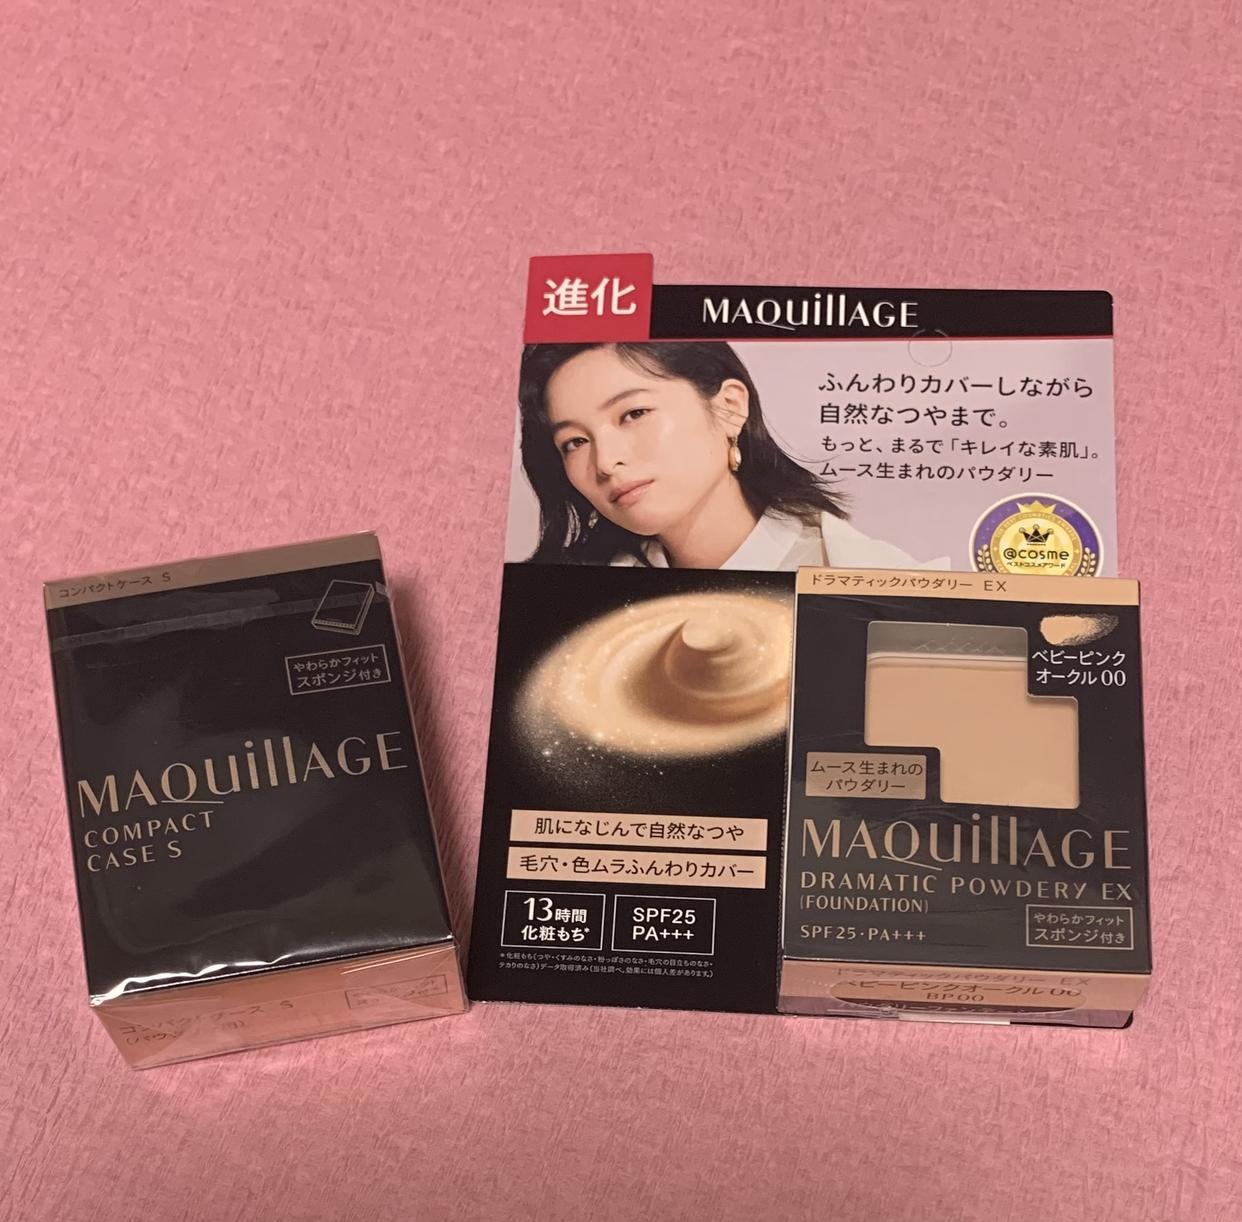 MAQuillAGE(マキアージュ)ドラマティックパウダリー EXを使ったminaさんのクチコミ画像